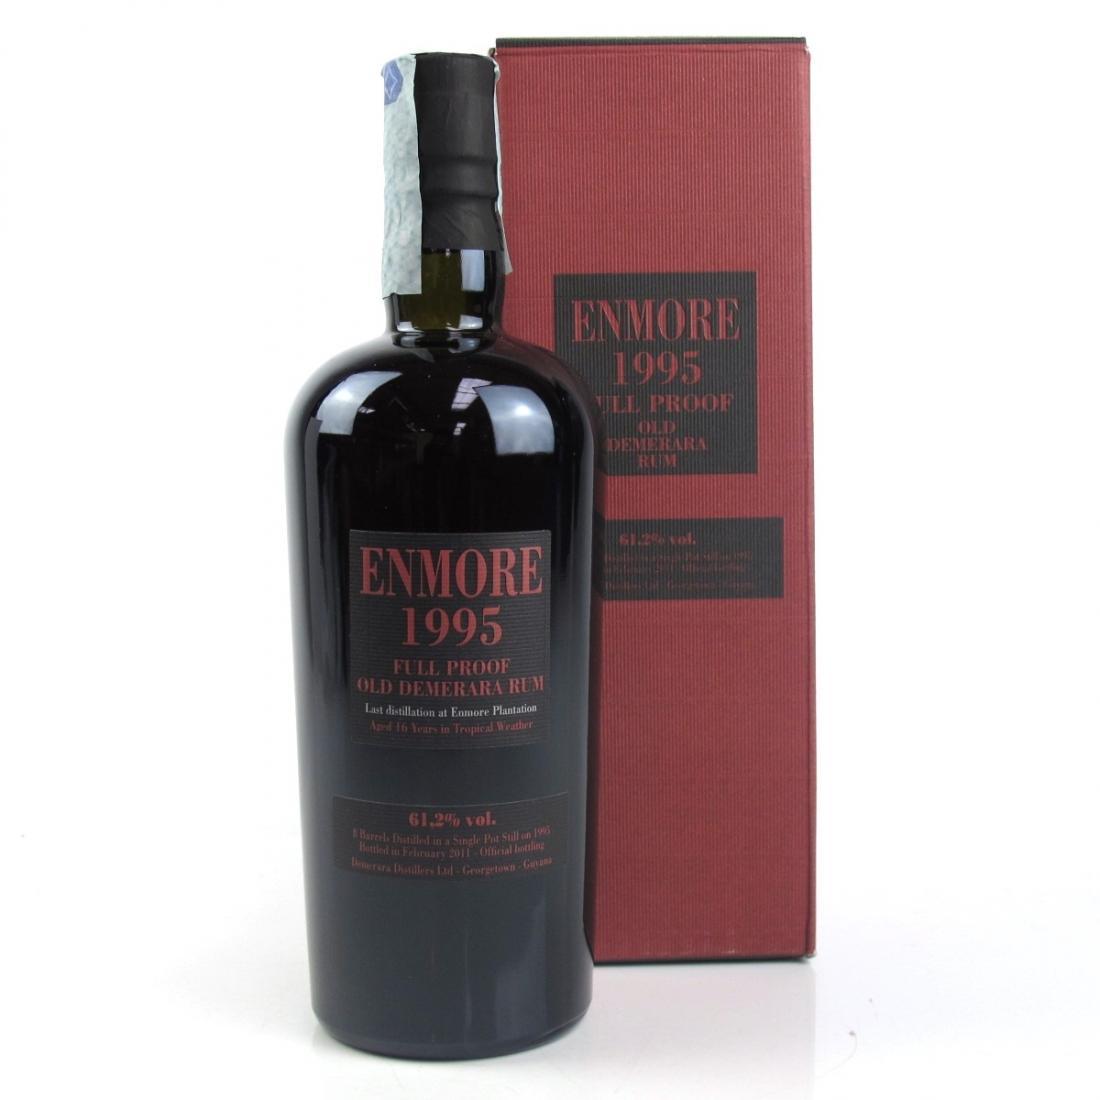 Enmore 1995 Full Proof Demerara 16 Year Old Rum